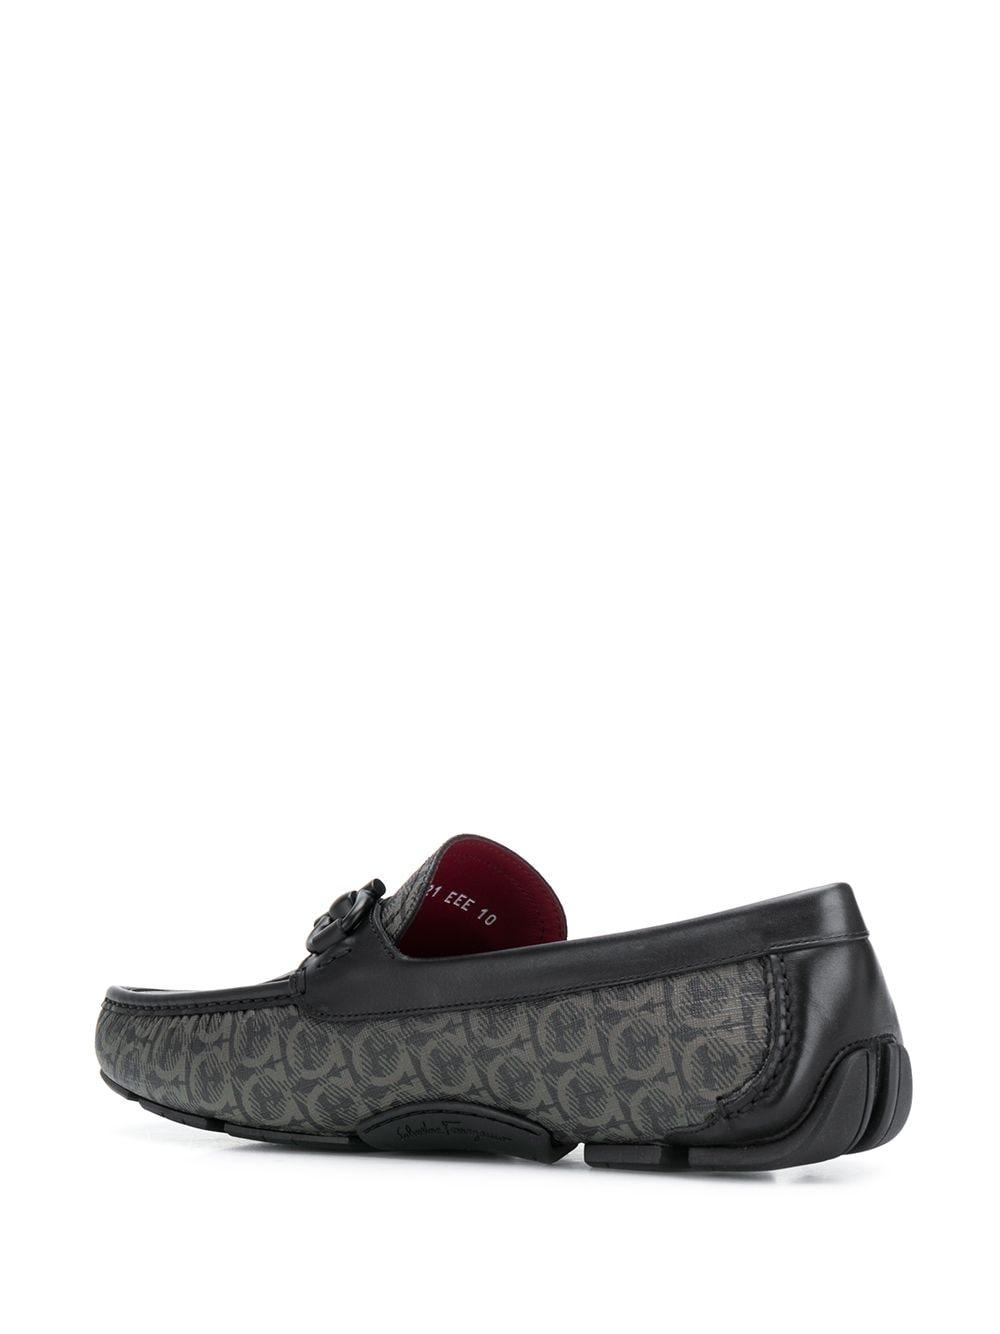 Parigi Leather Loafer